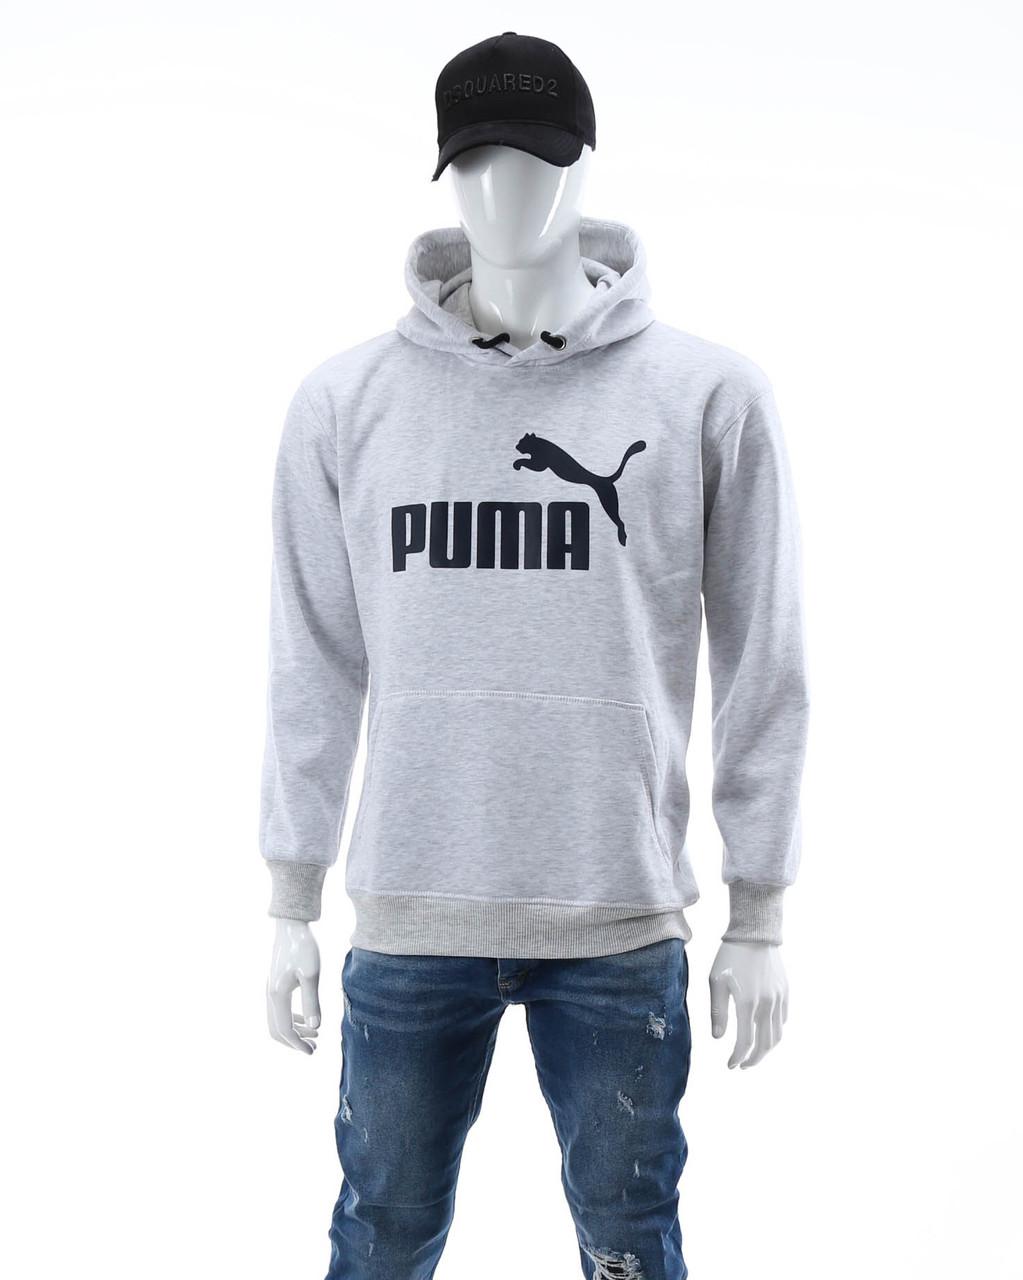 Худи осень-зима меланж PUMA Т-2 GRI XL(Р) 20-477-203